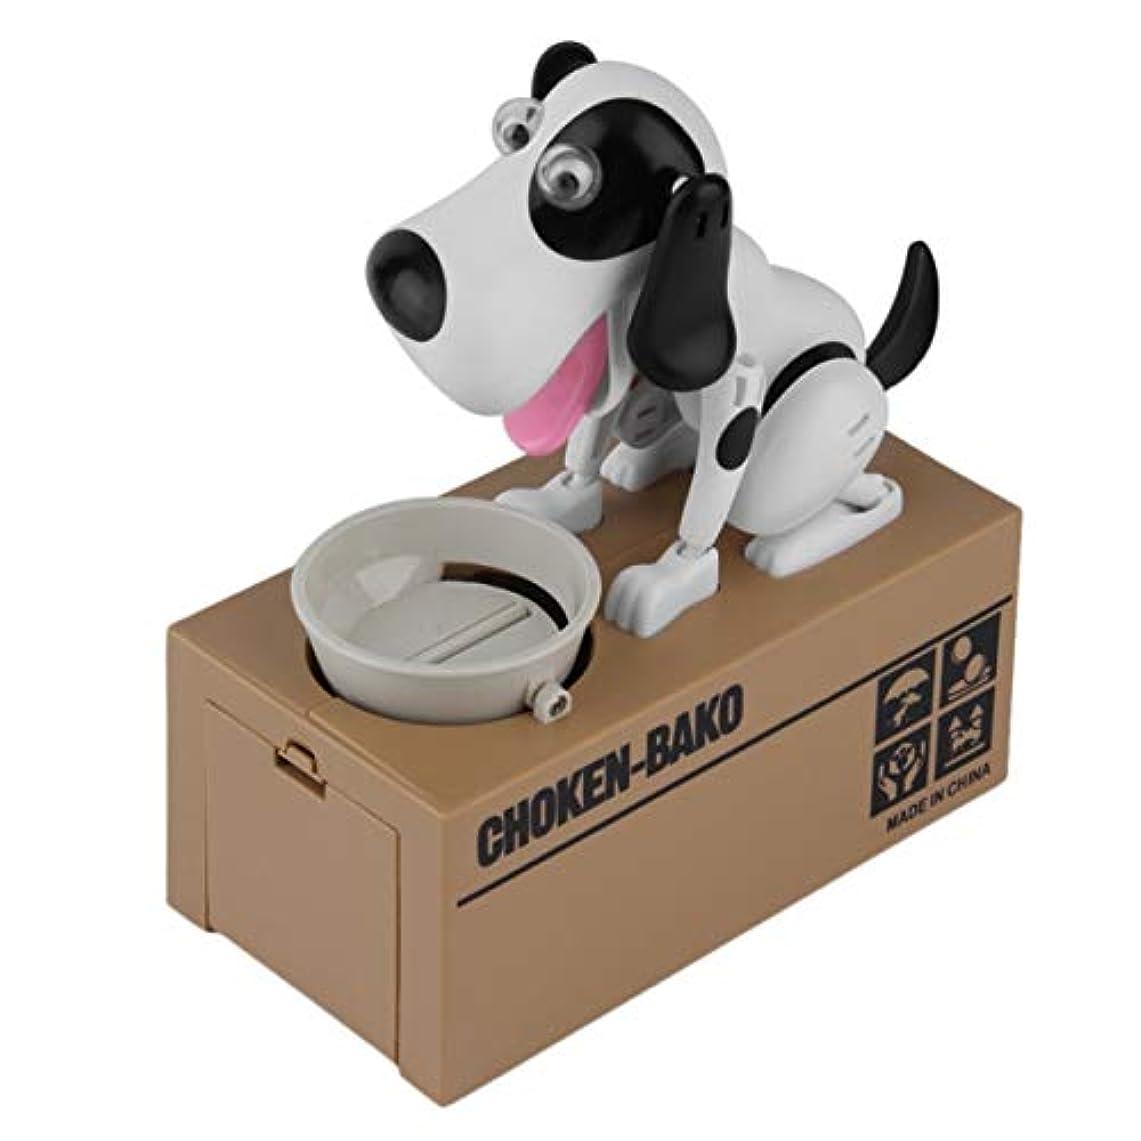 何十人も子孫ミットSaikogoods 耐久性に優れたロボット犬貯金箱自動コインマネーバンクかわいい犬モデルマネーバンクマネーセービングボックスコインボックスを盗みました 黒+白